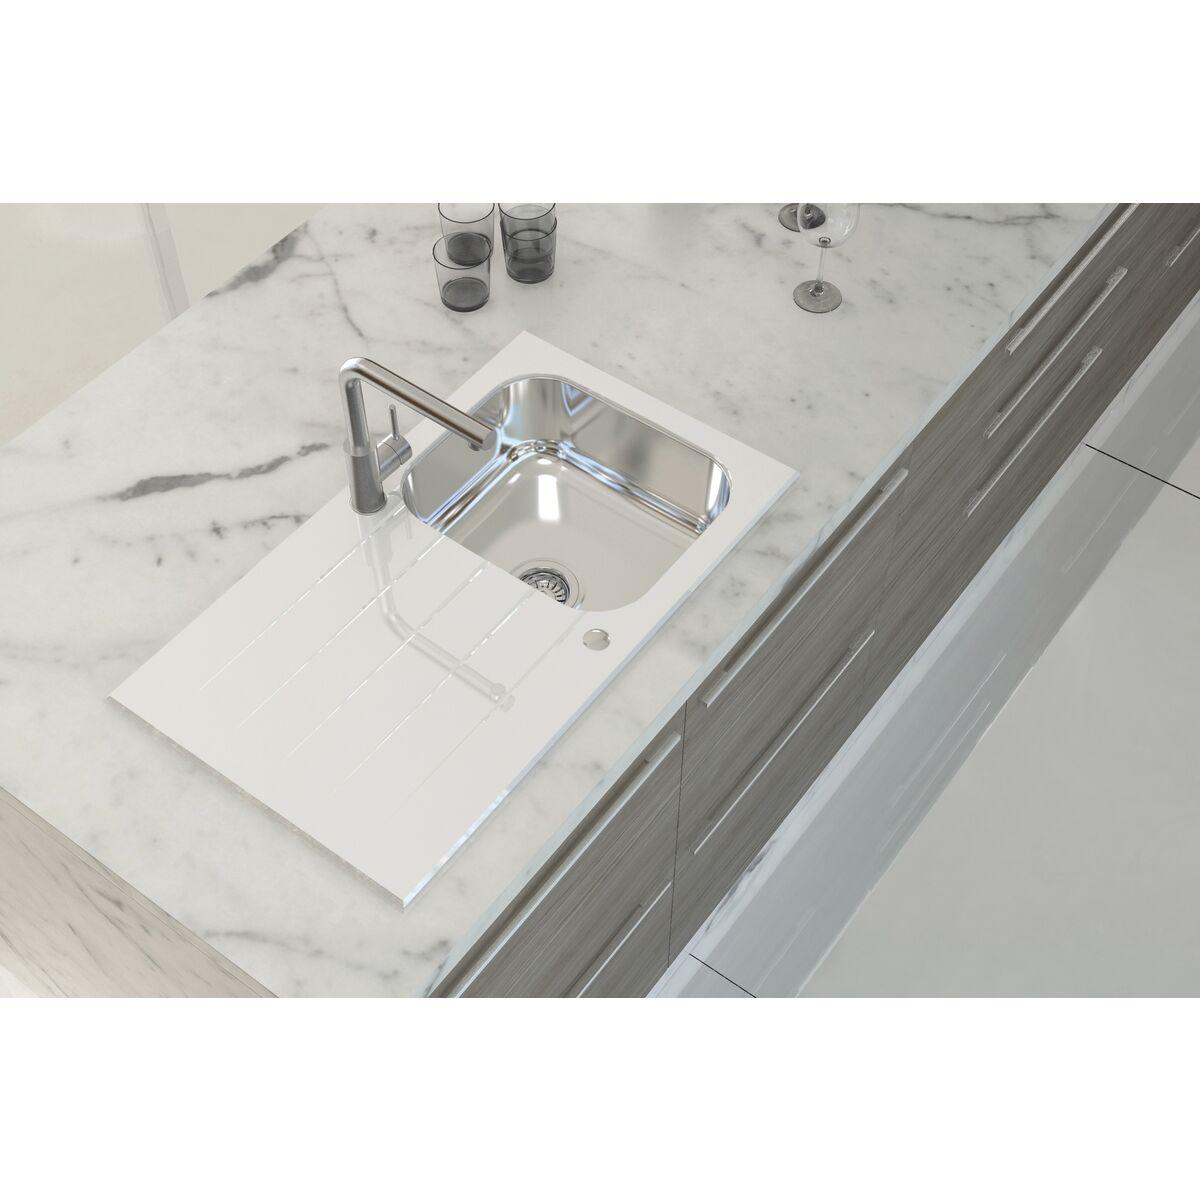 Tramontina - Fregadero de empotrar Tramontina de acero inoxidable y vidrio  templado blanco 312c06b543bf